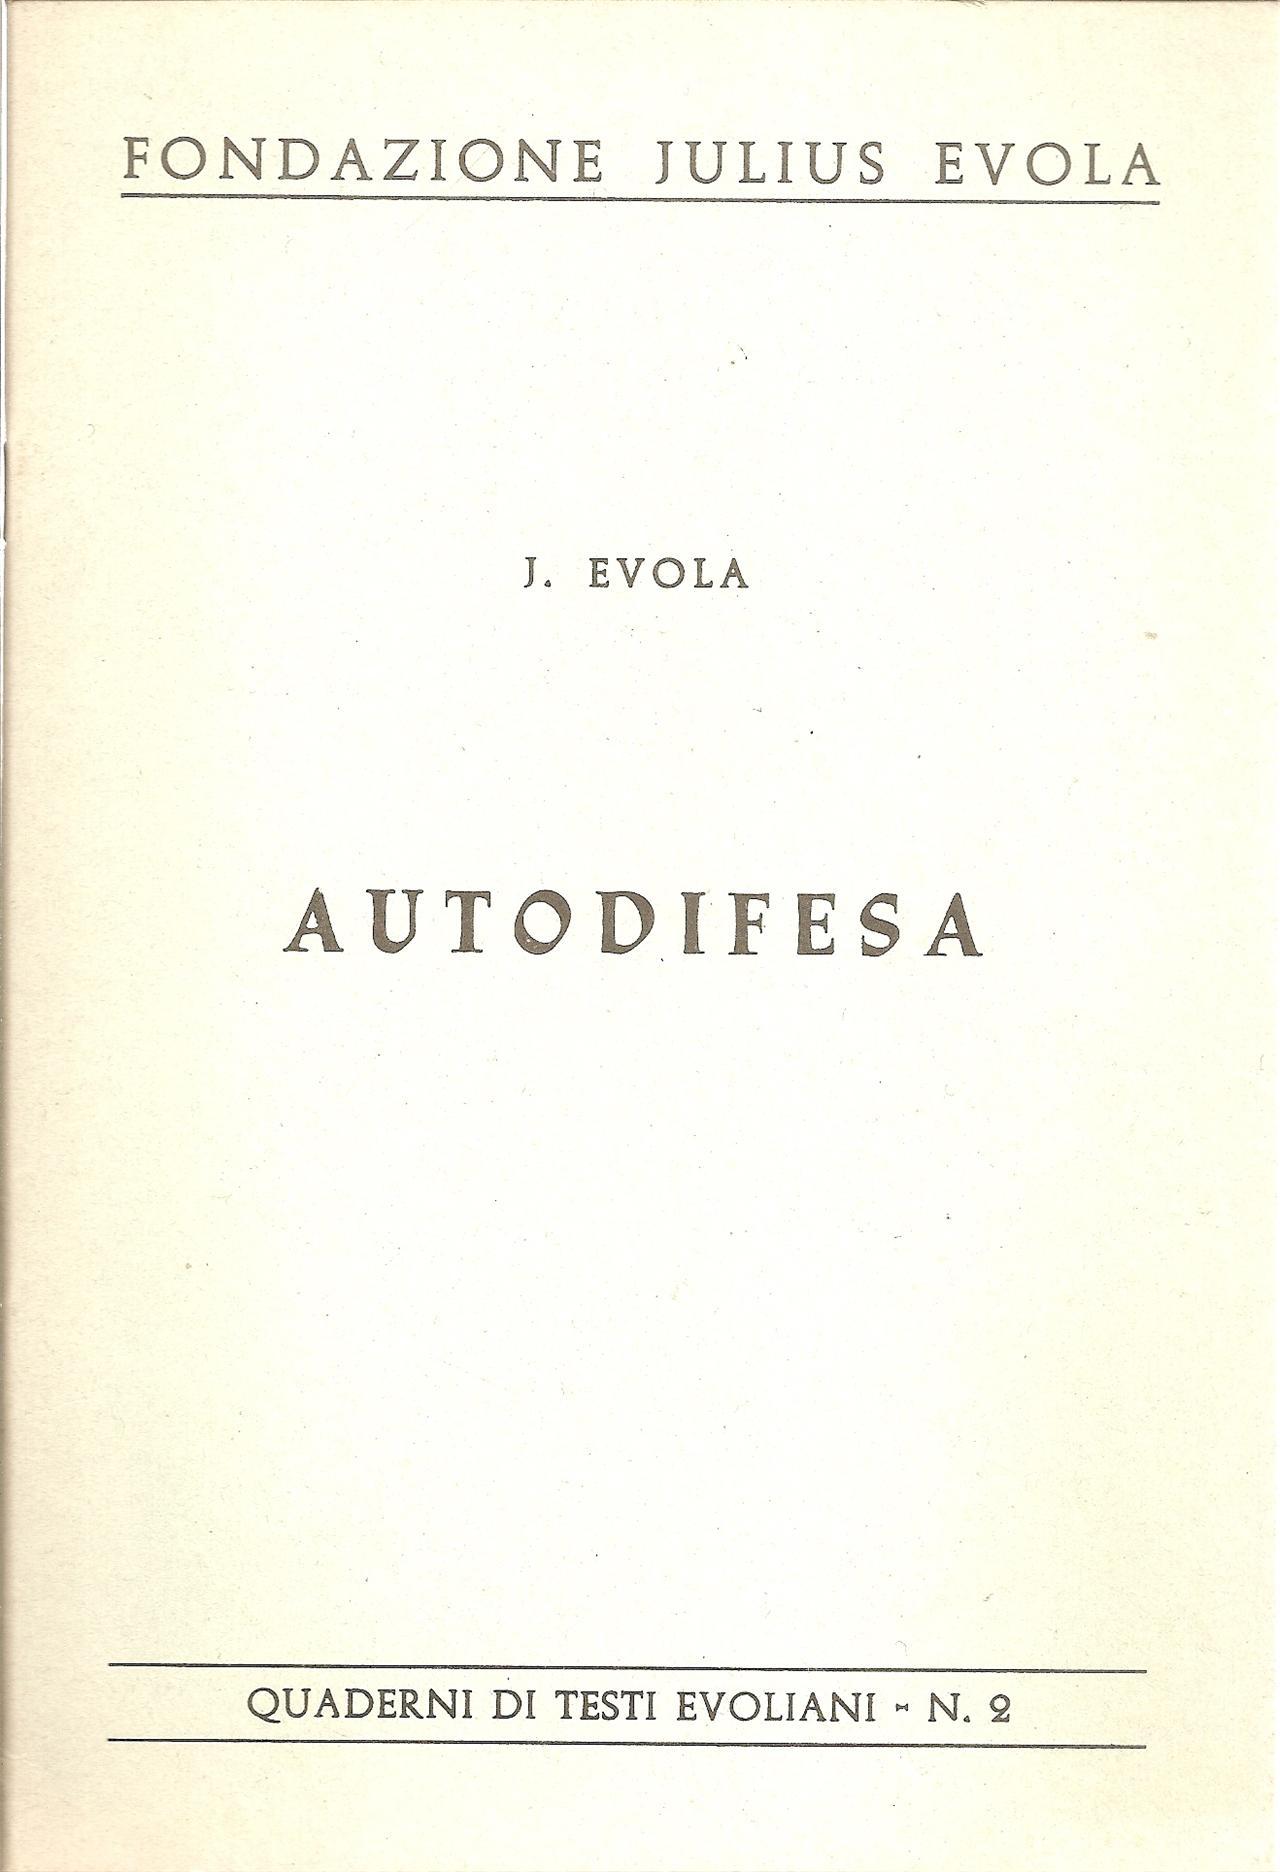 Condannate Julius Evola!